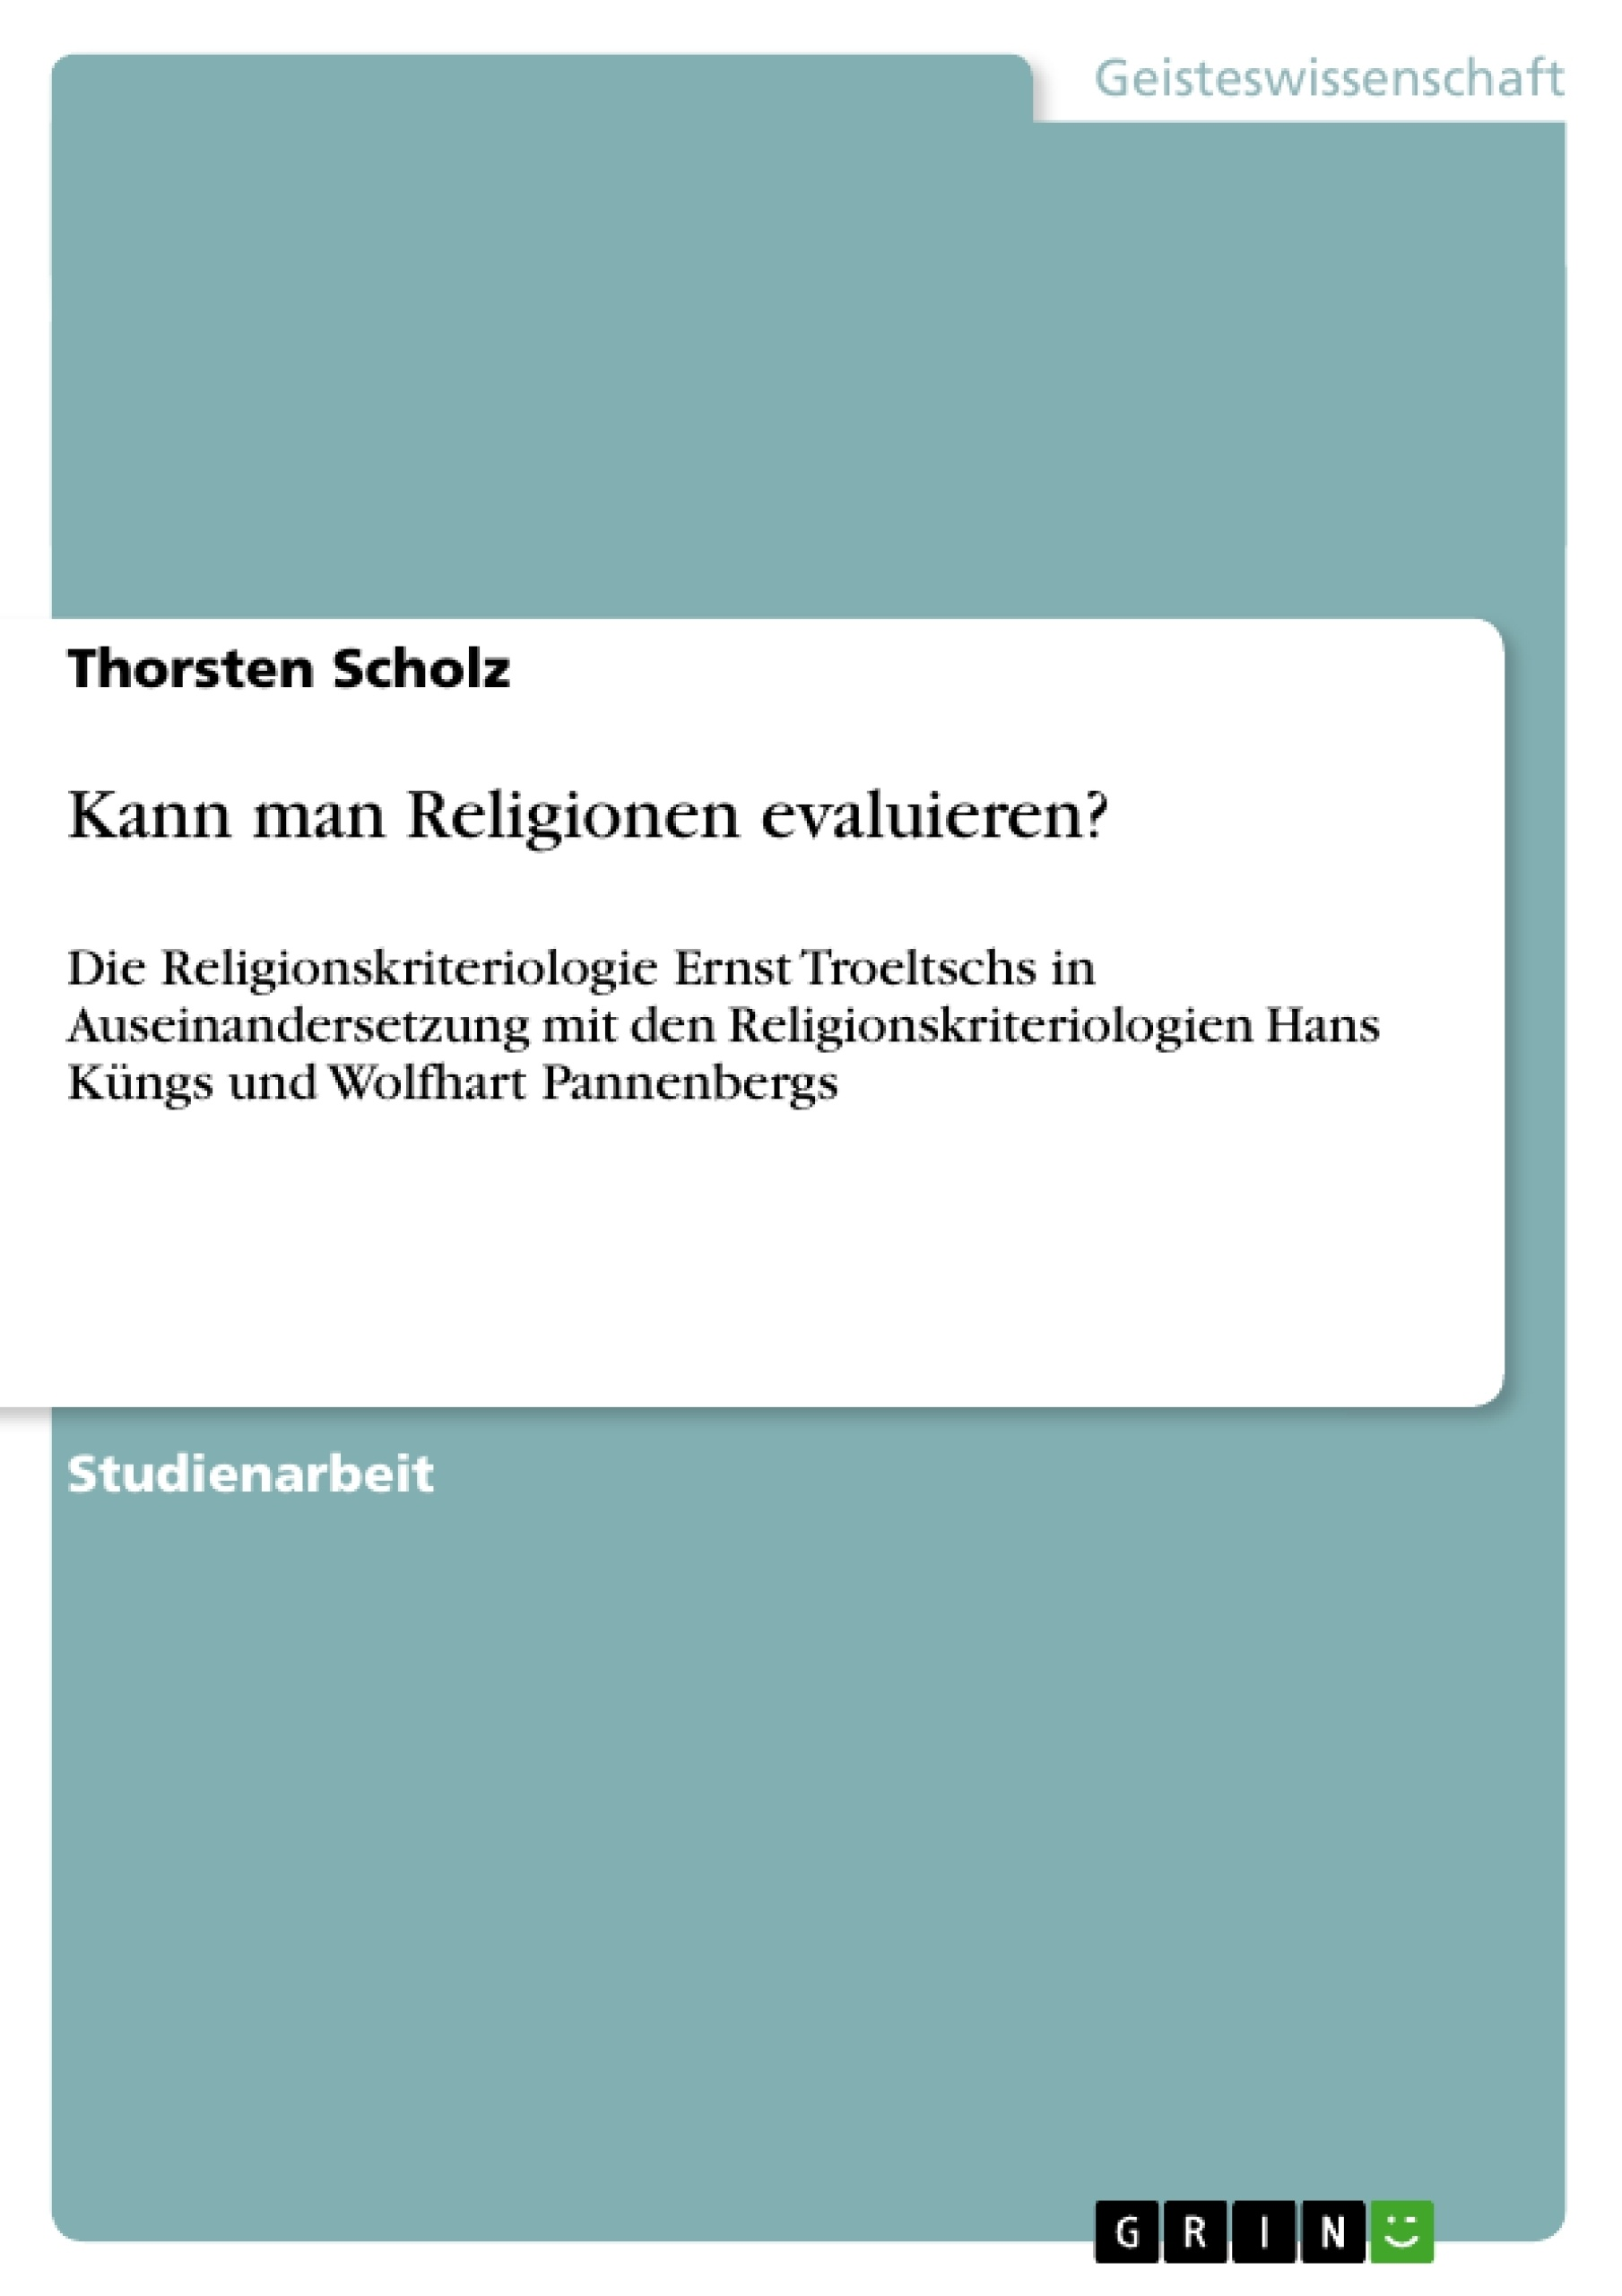 Titel: Kann man Religionen evaluieren?